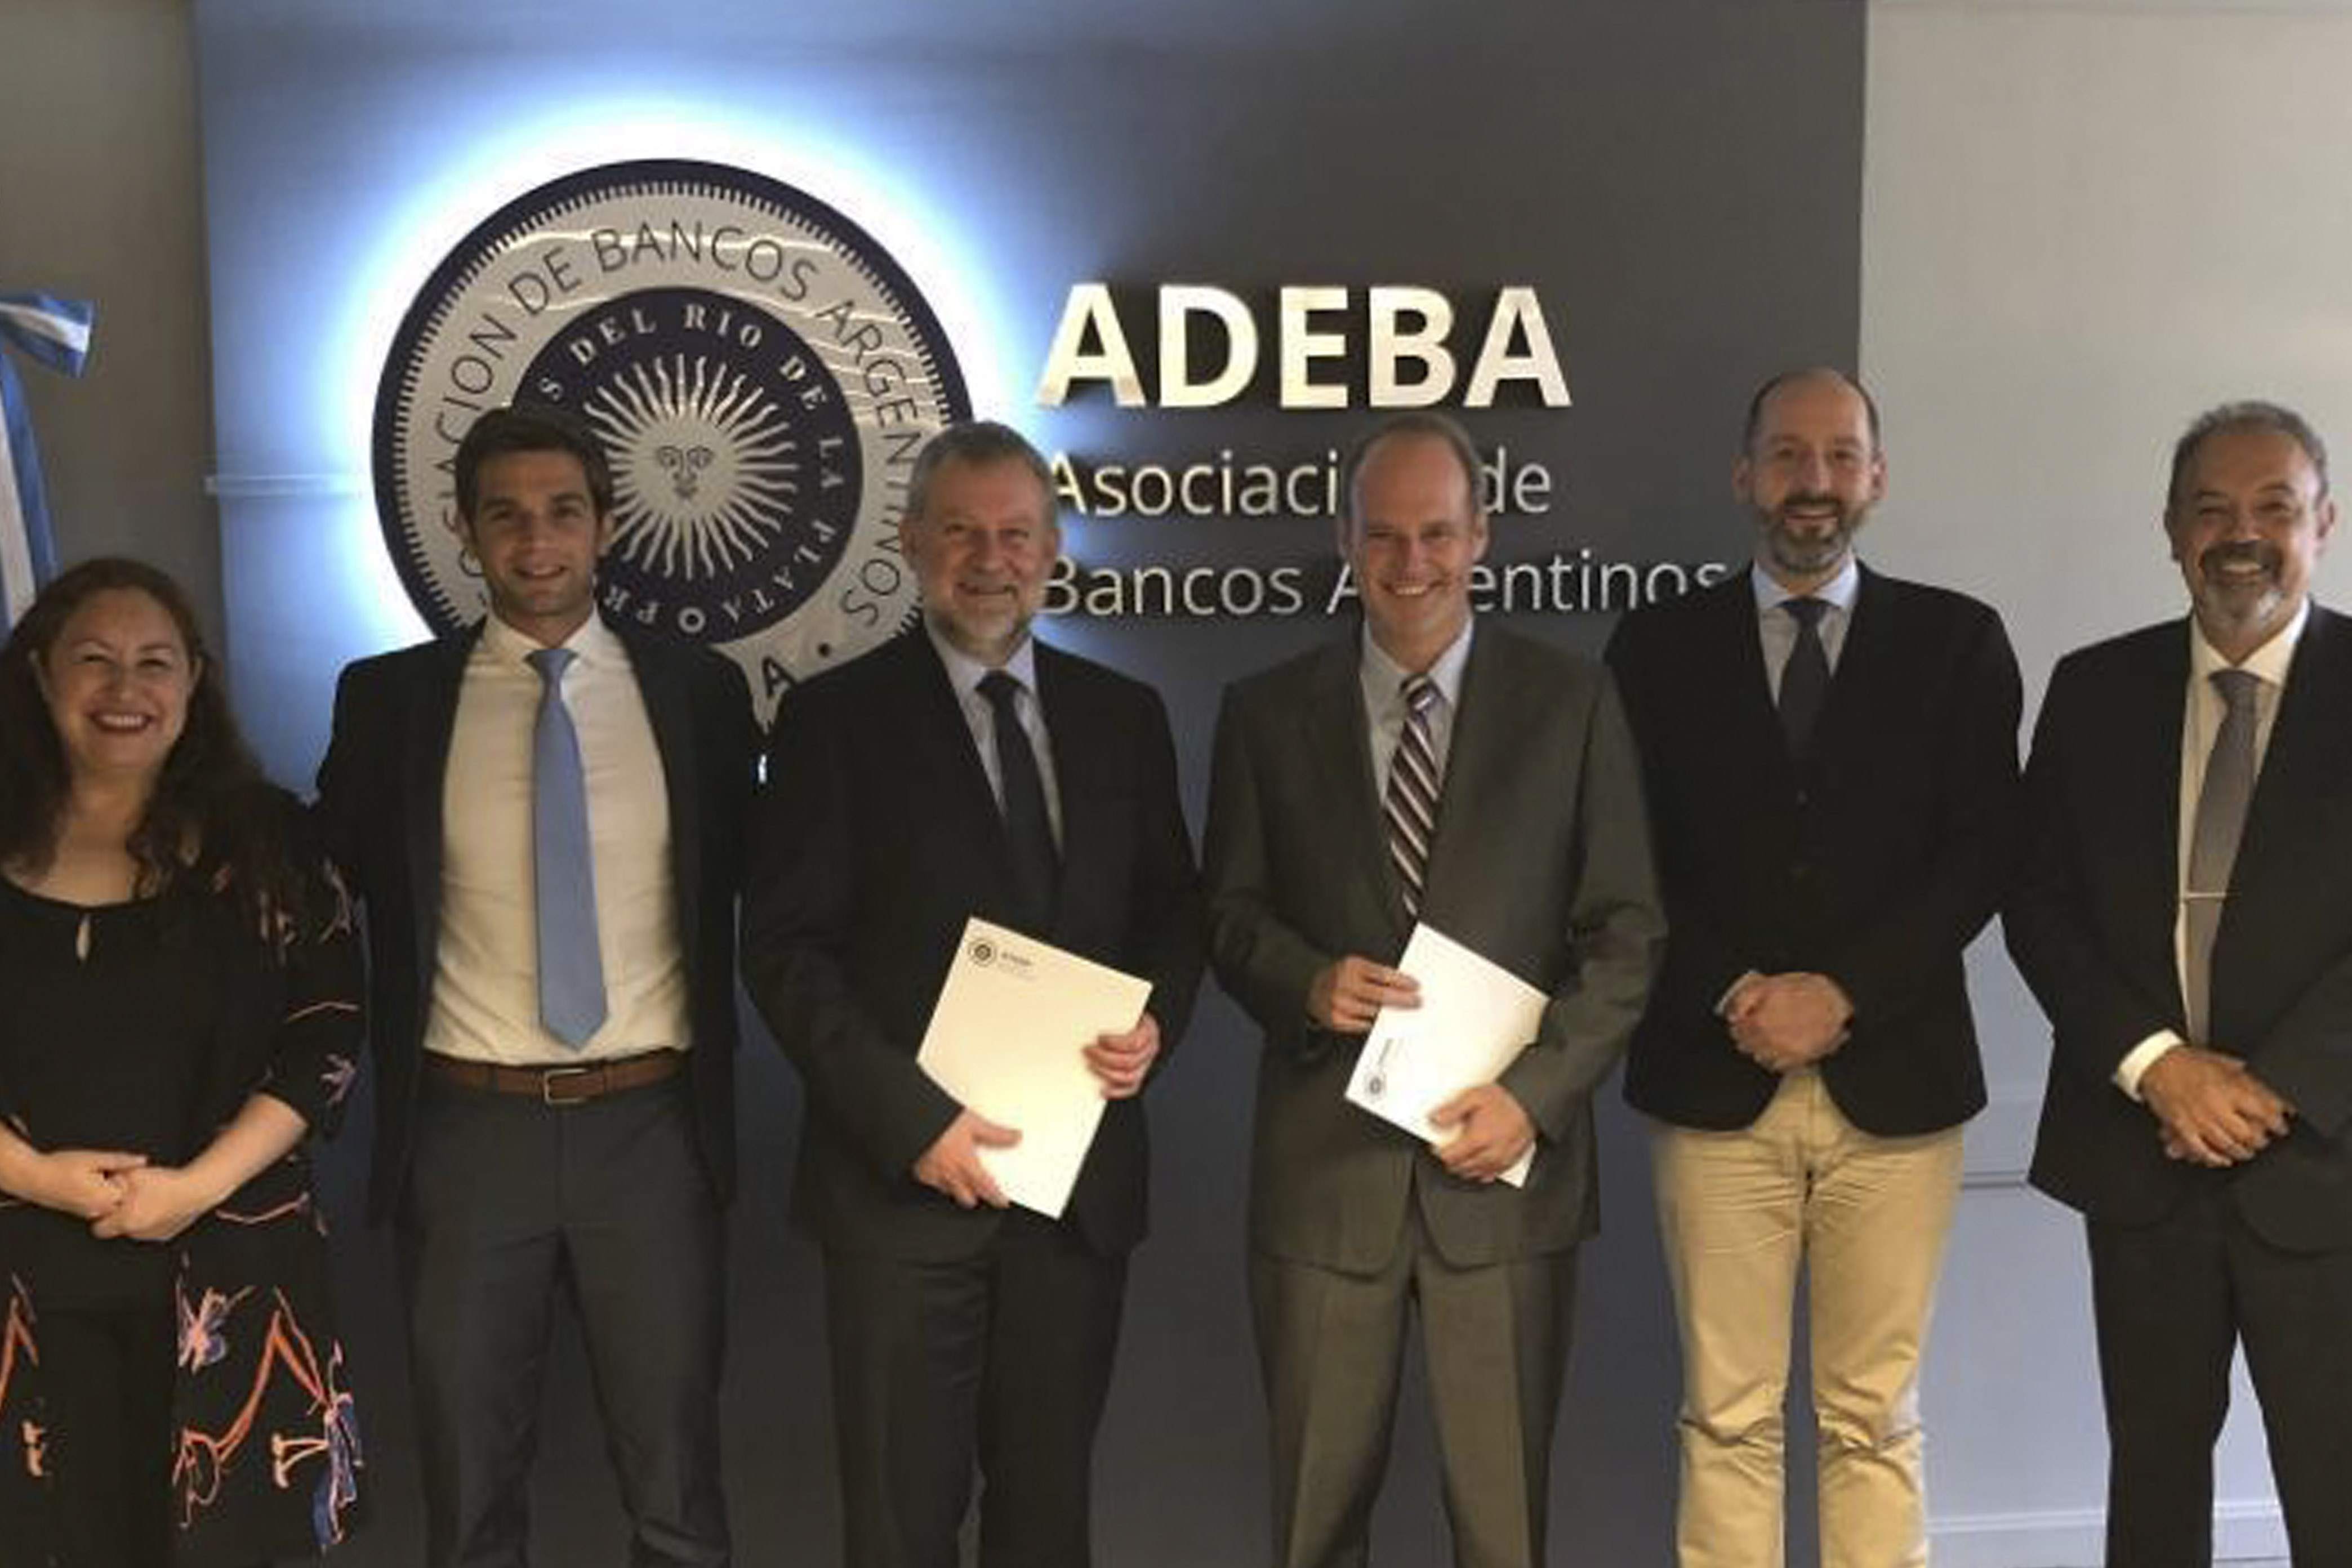 ADEBA firmó un convenio con la Fundación Alemana para la Cooperación Internacional, para impulsar la inclusión financiera.